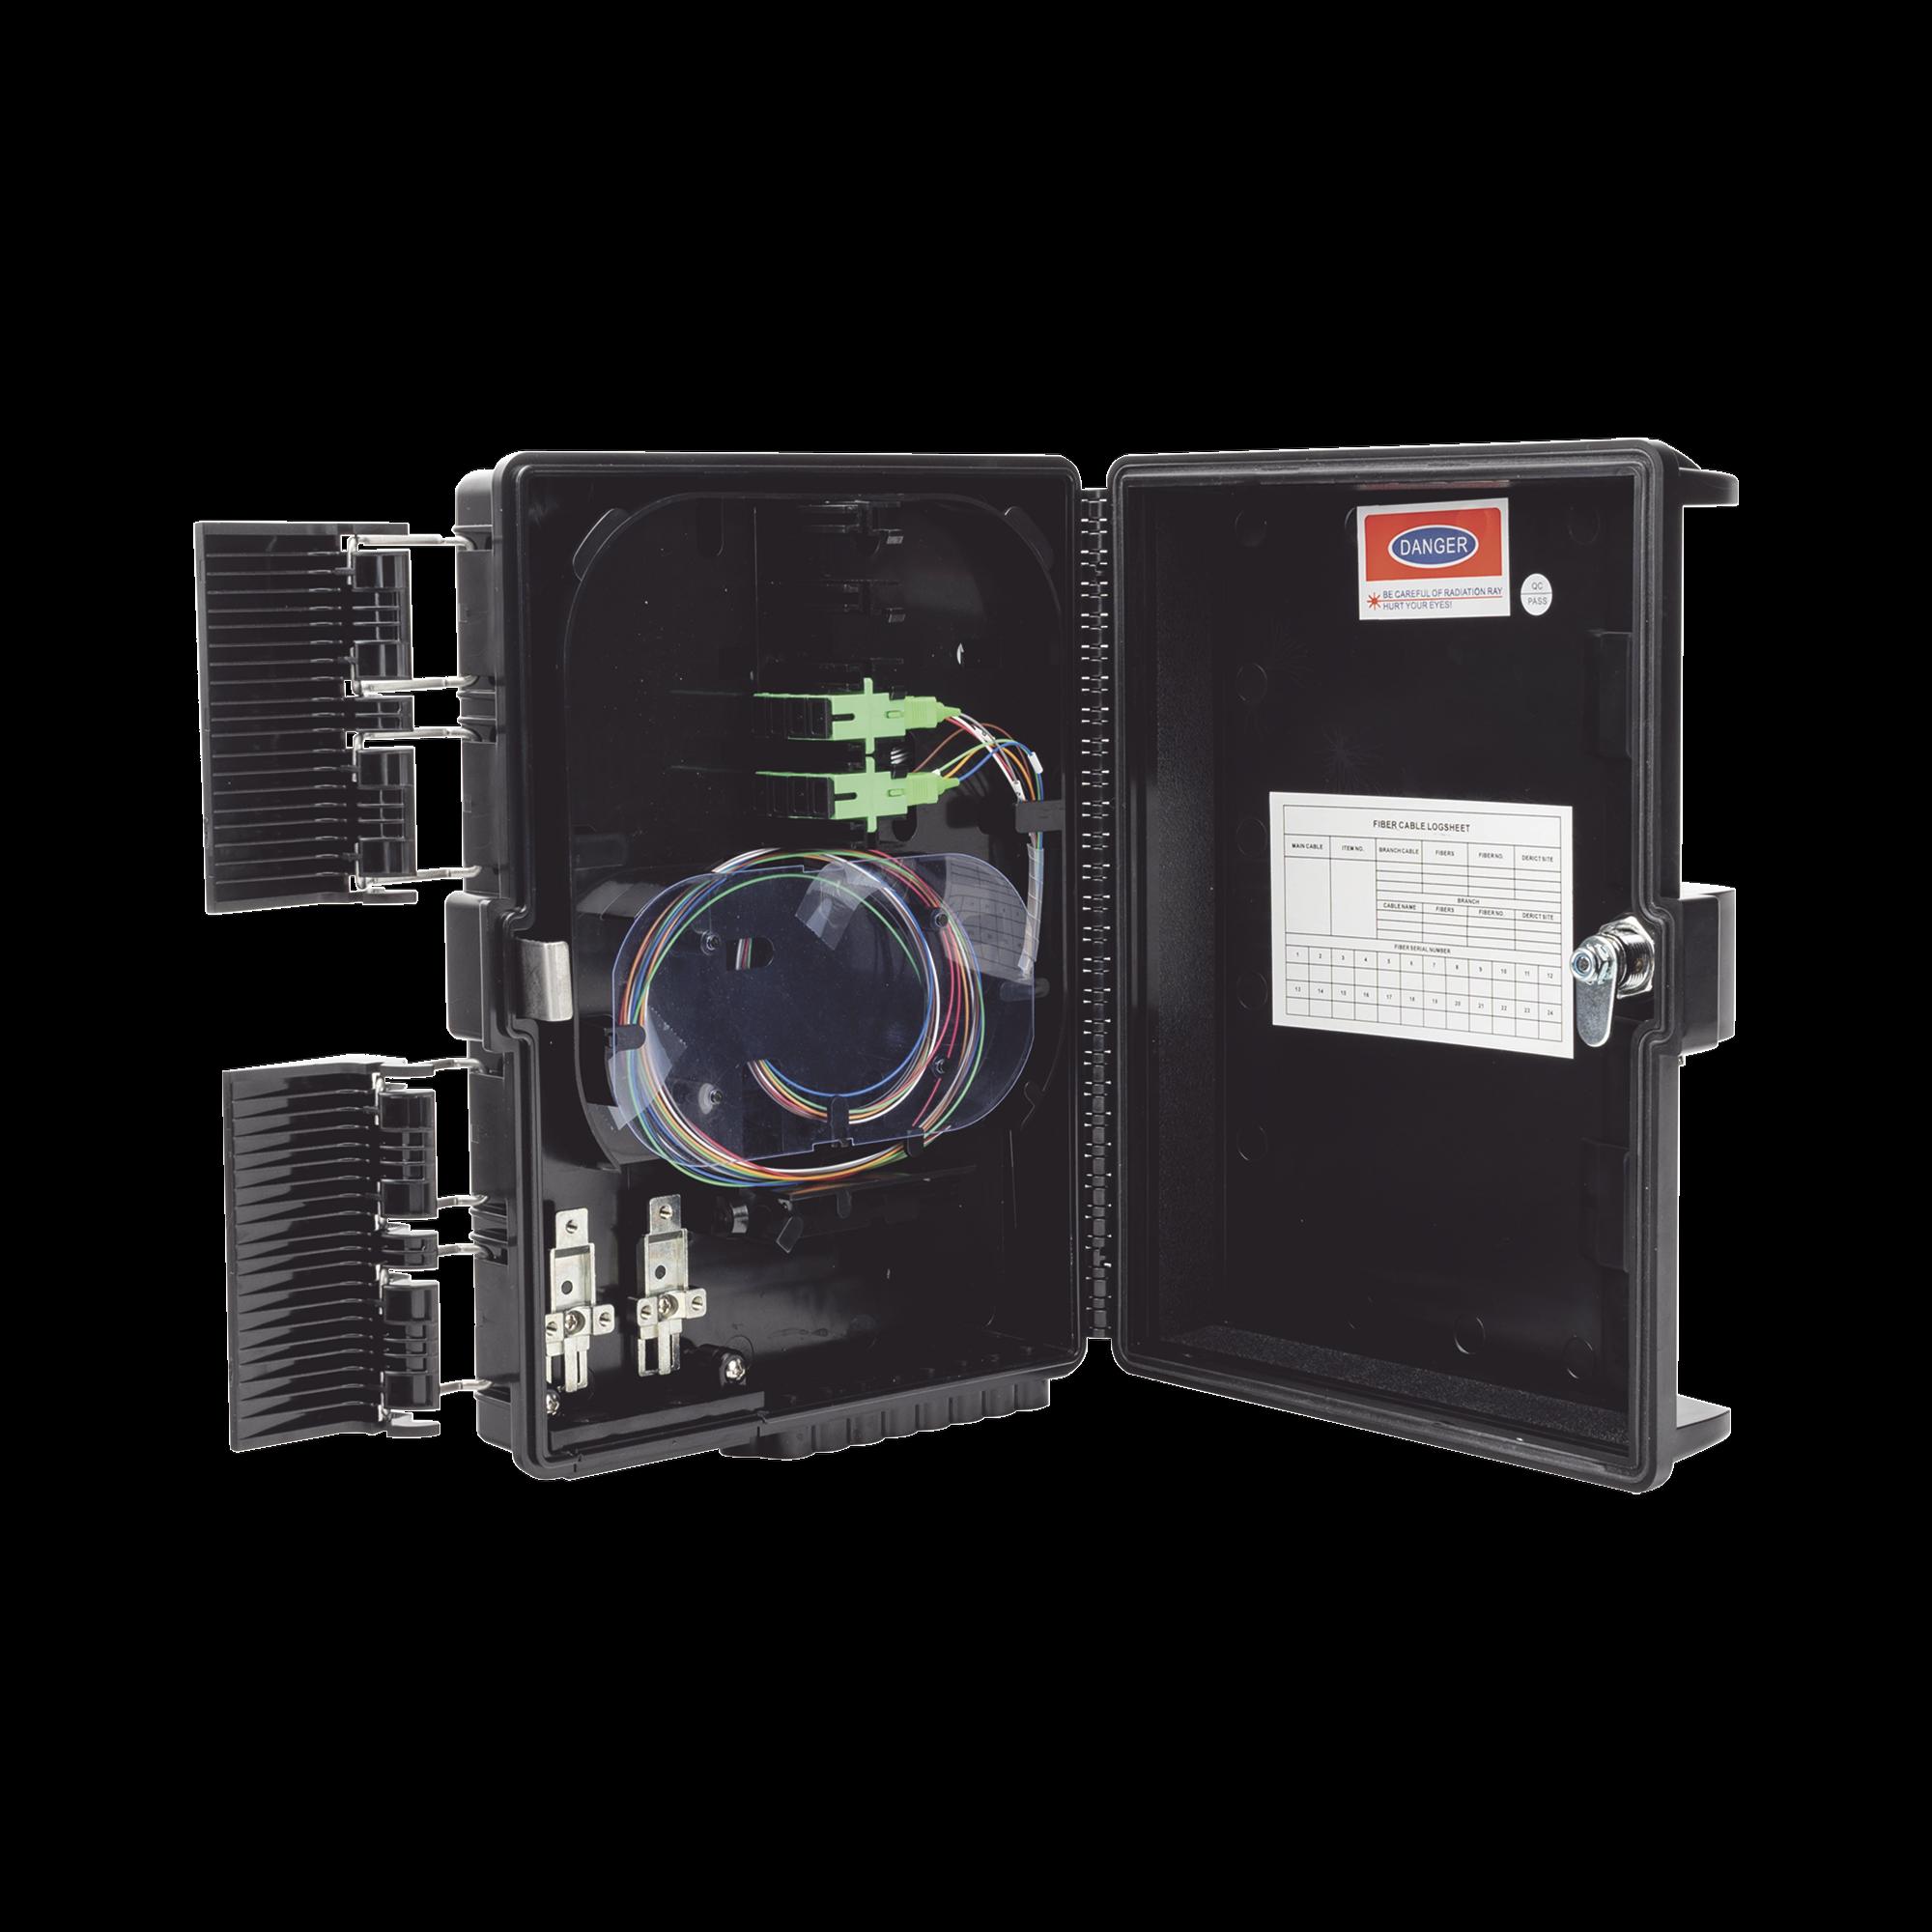 Cierre de Empalme para 24 fusiones de fibra optica, Interior/Exterior, con 8 acopladores SC/APC y splitter 1x8, IP65